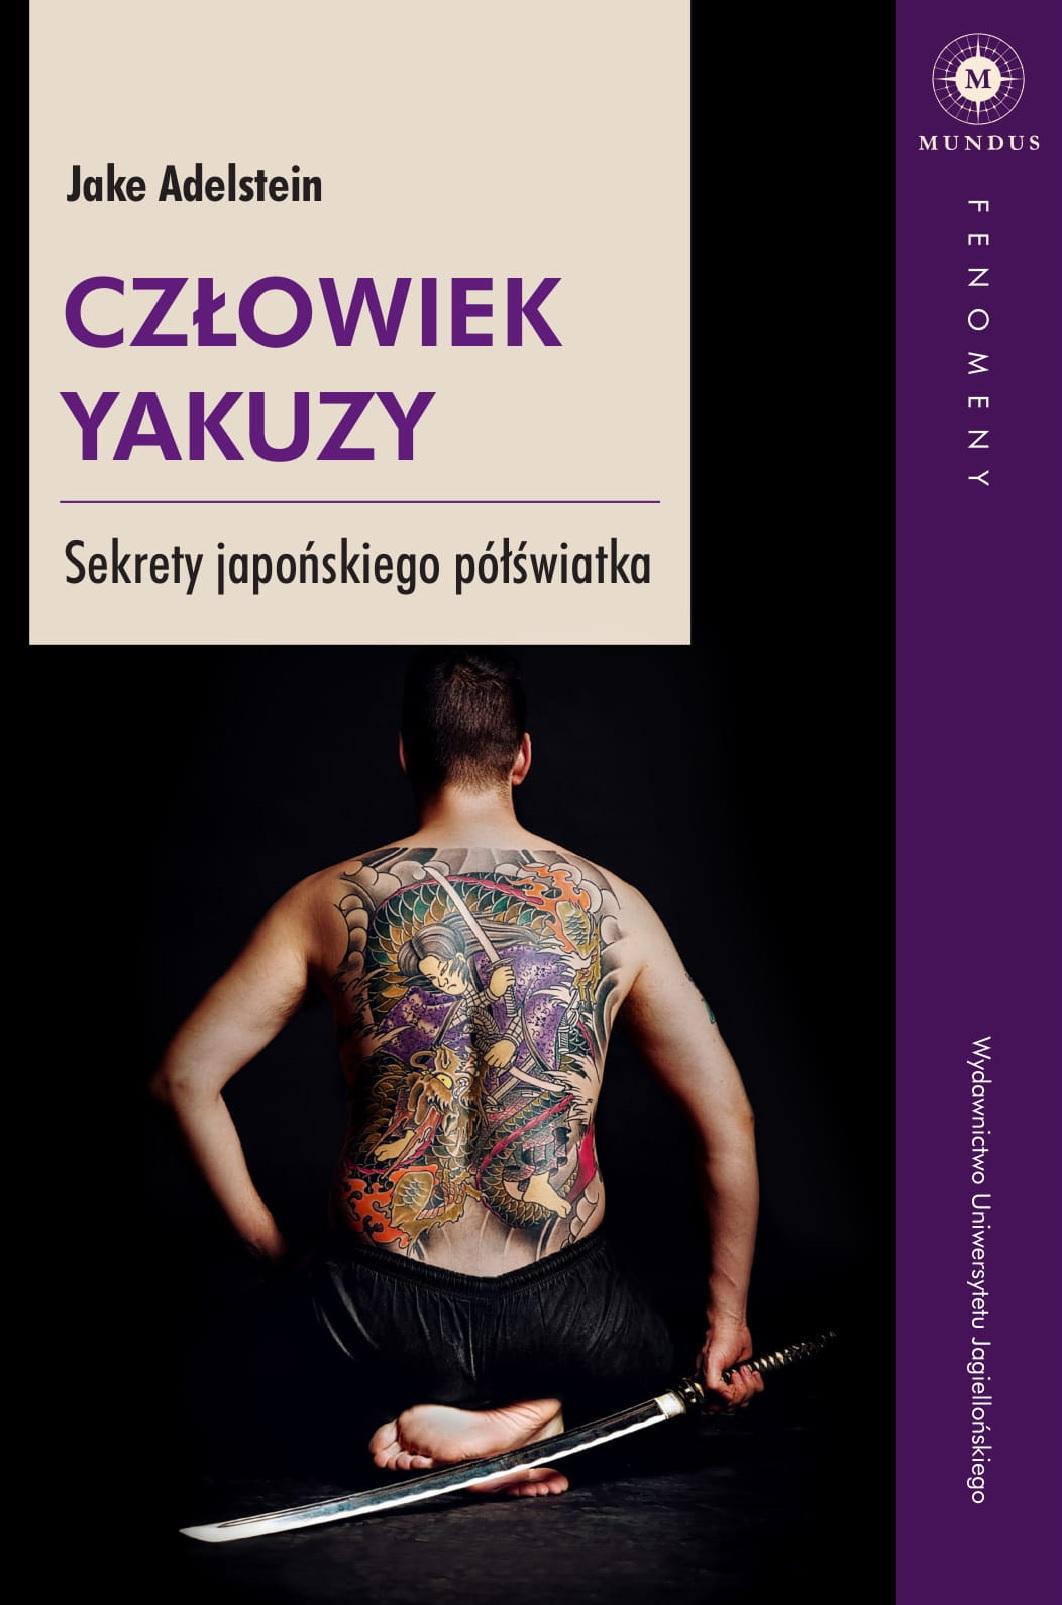 """Jake Adelstein, """"Człowiek yakuzy. Sekrety japońskiego półświatka"""" (źródło: materiały prasowe wydawnictwa)"""